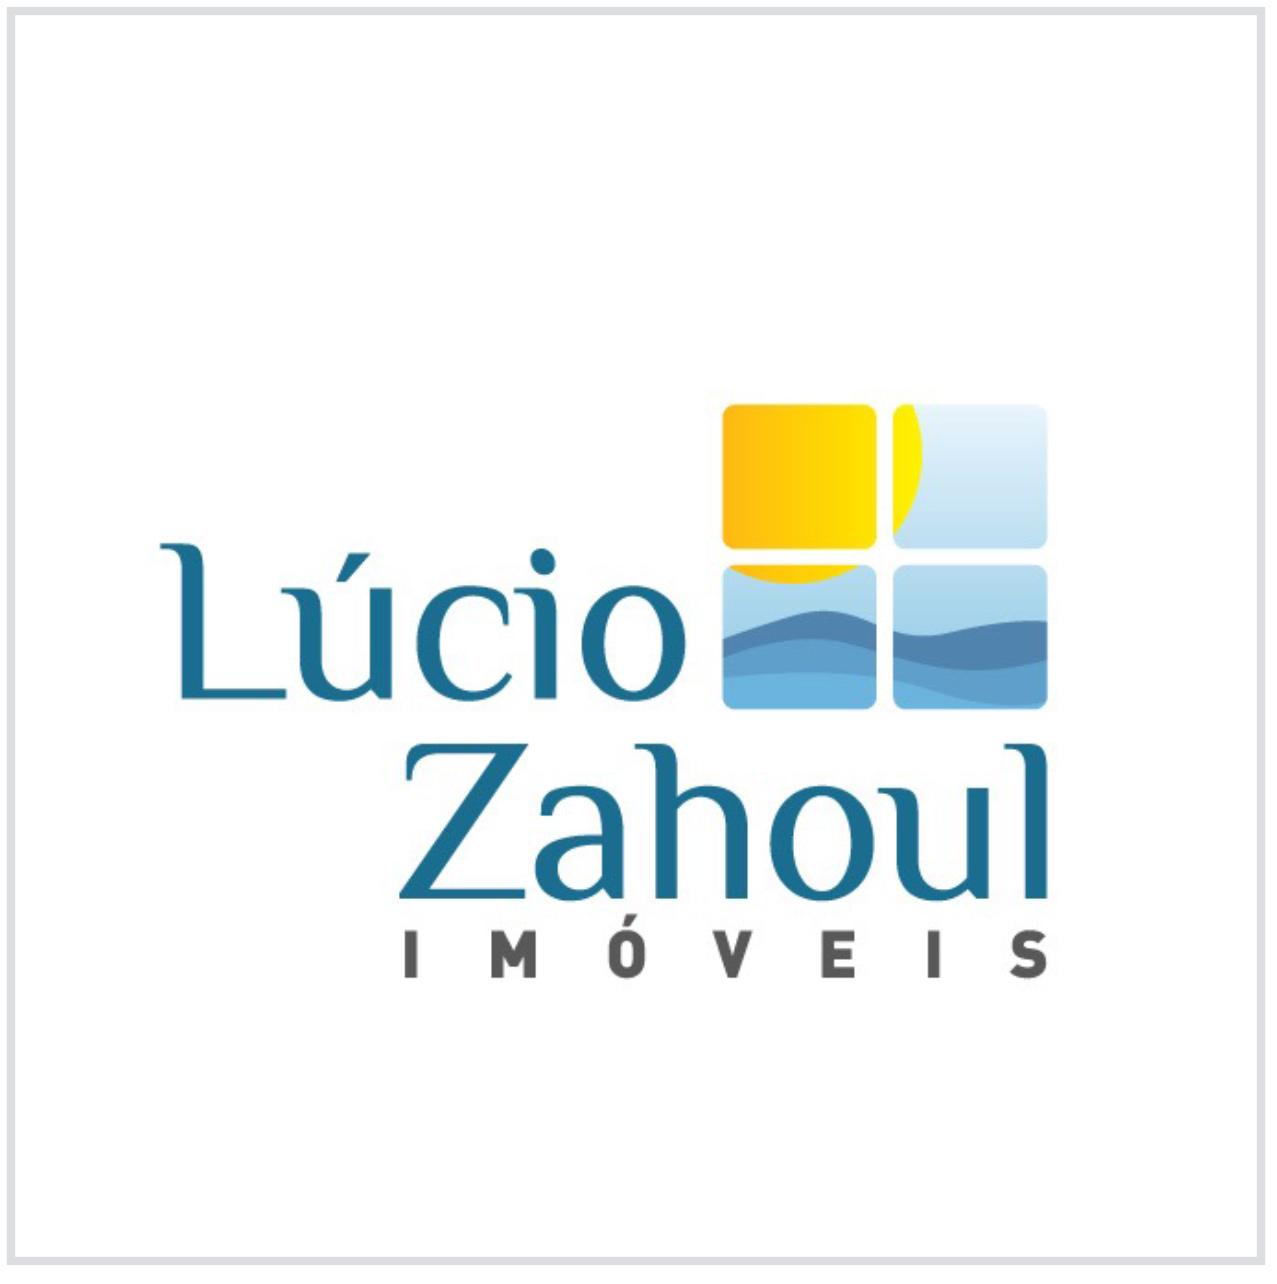 logo_lucio_zahoul